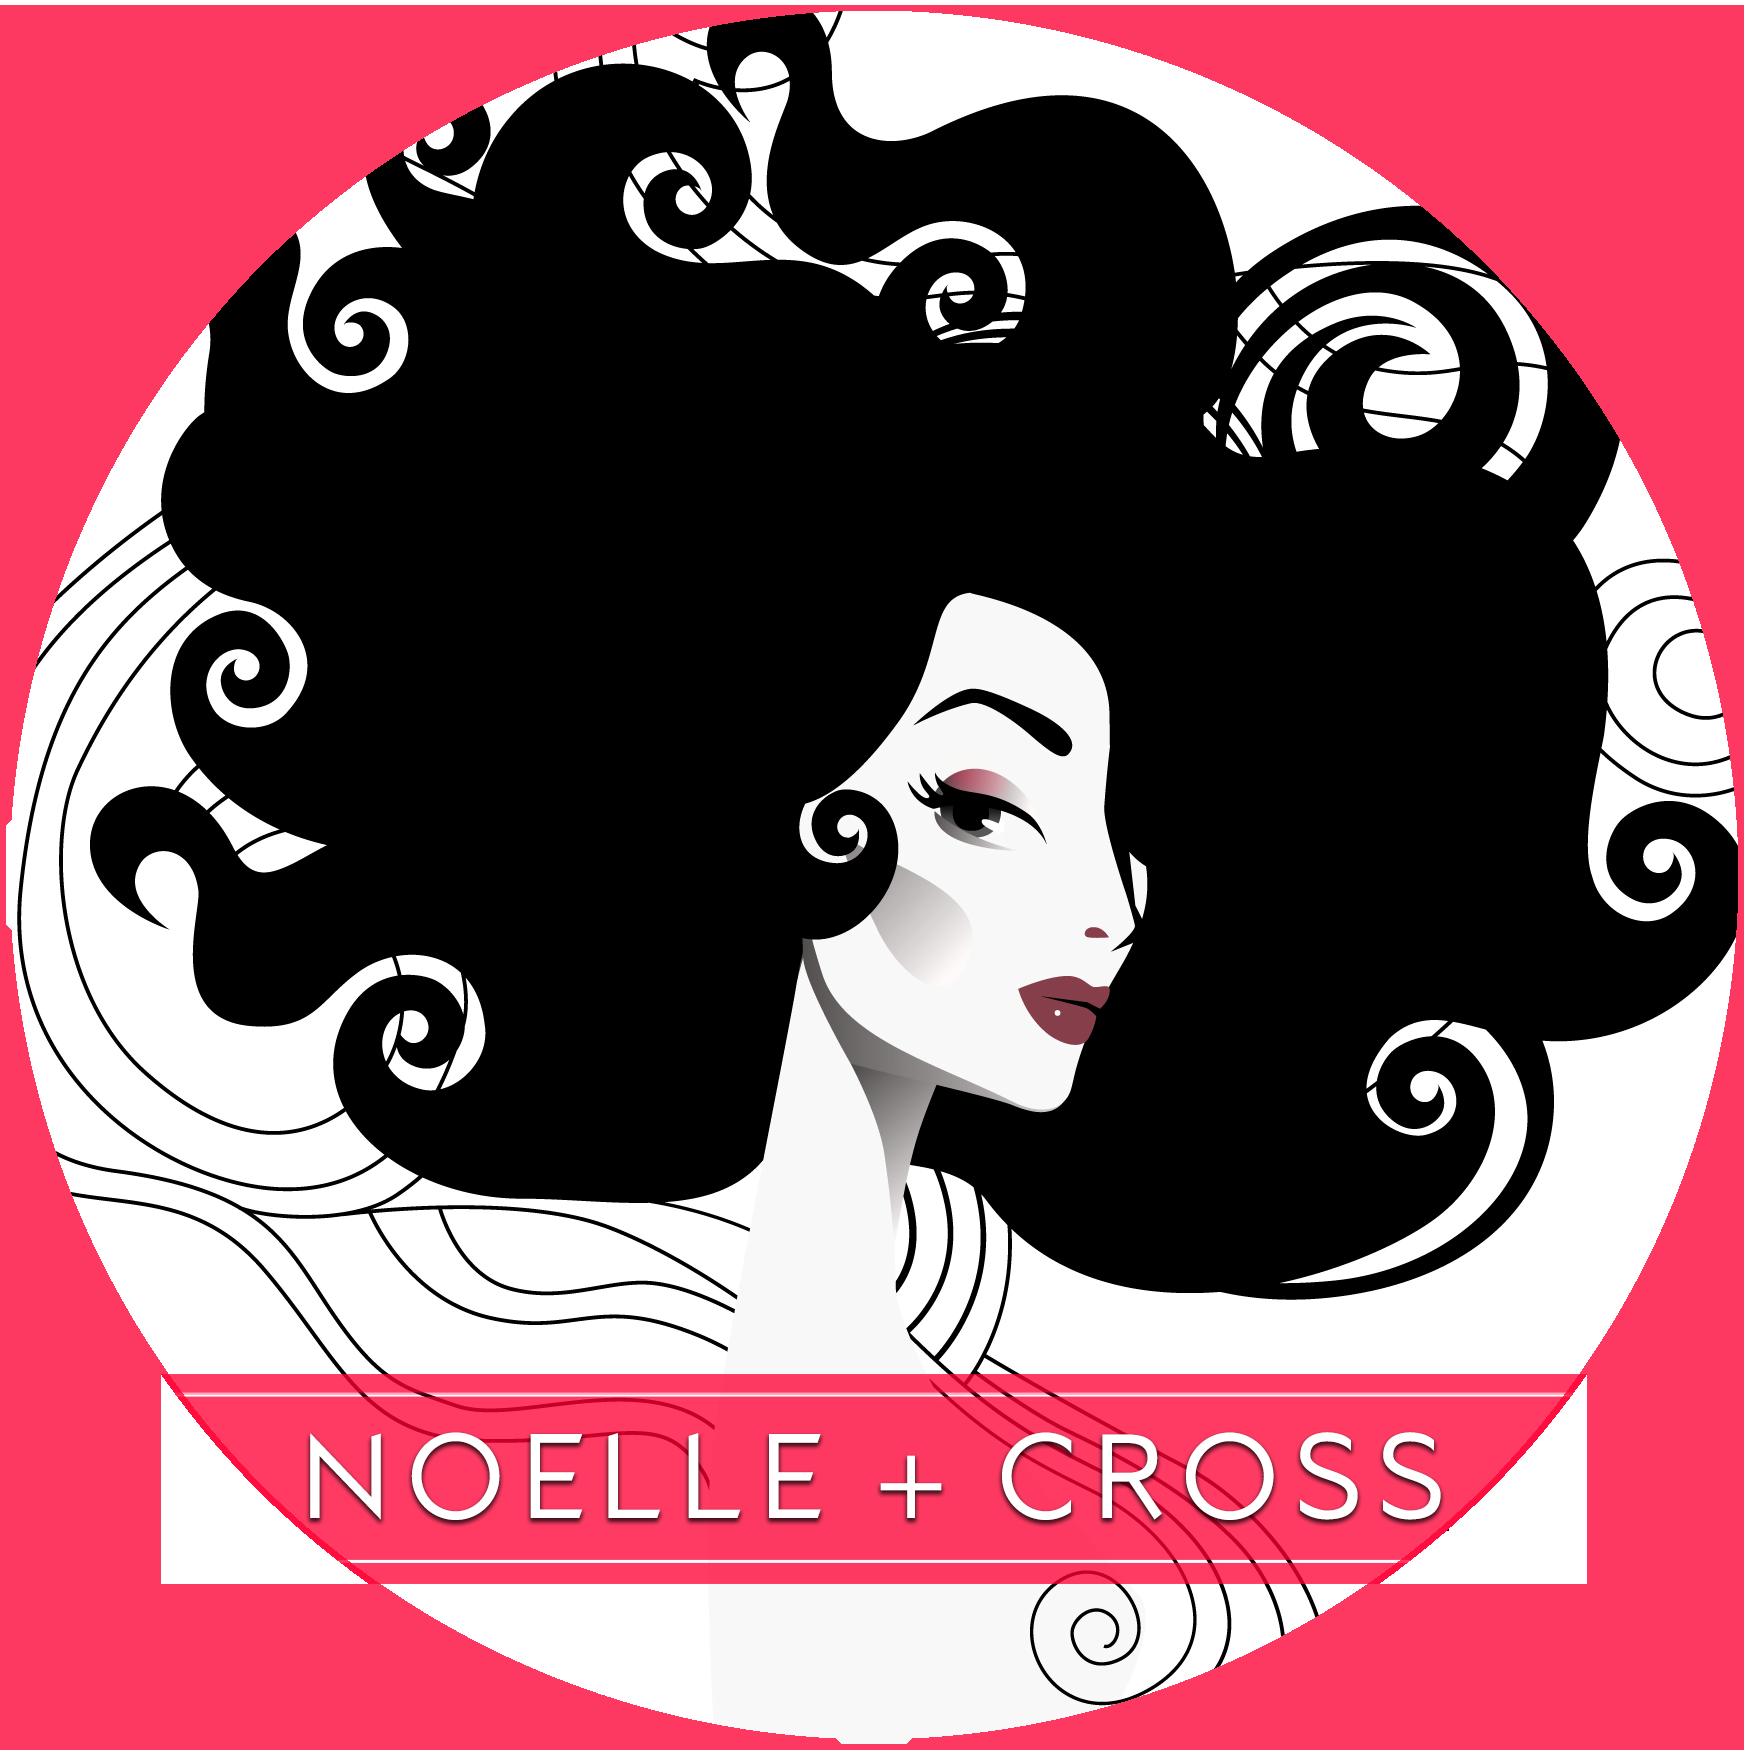 NOELLE + CROSS